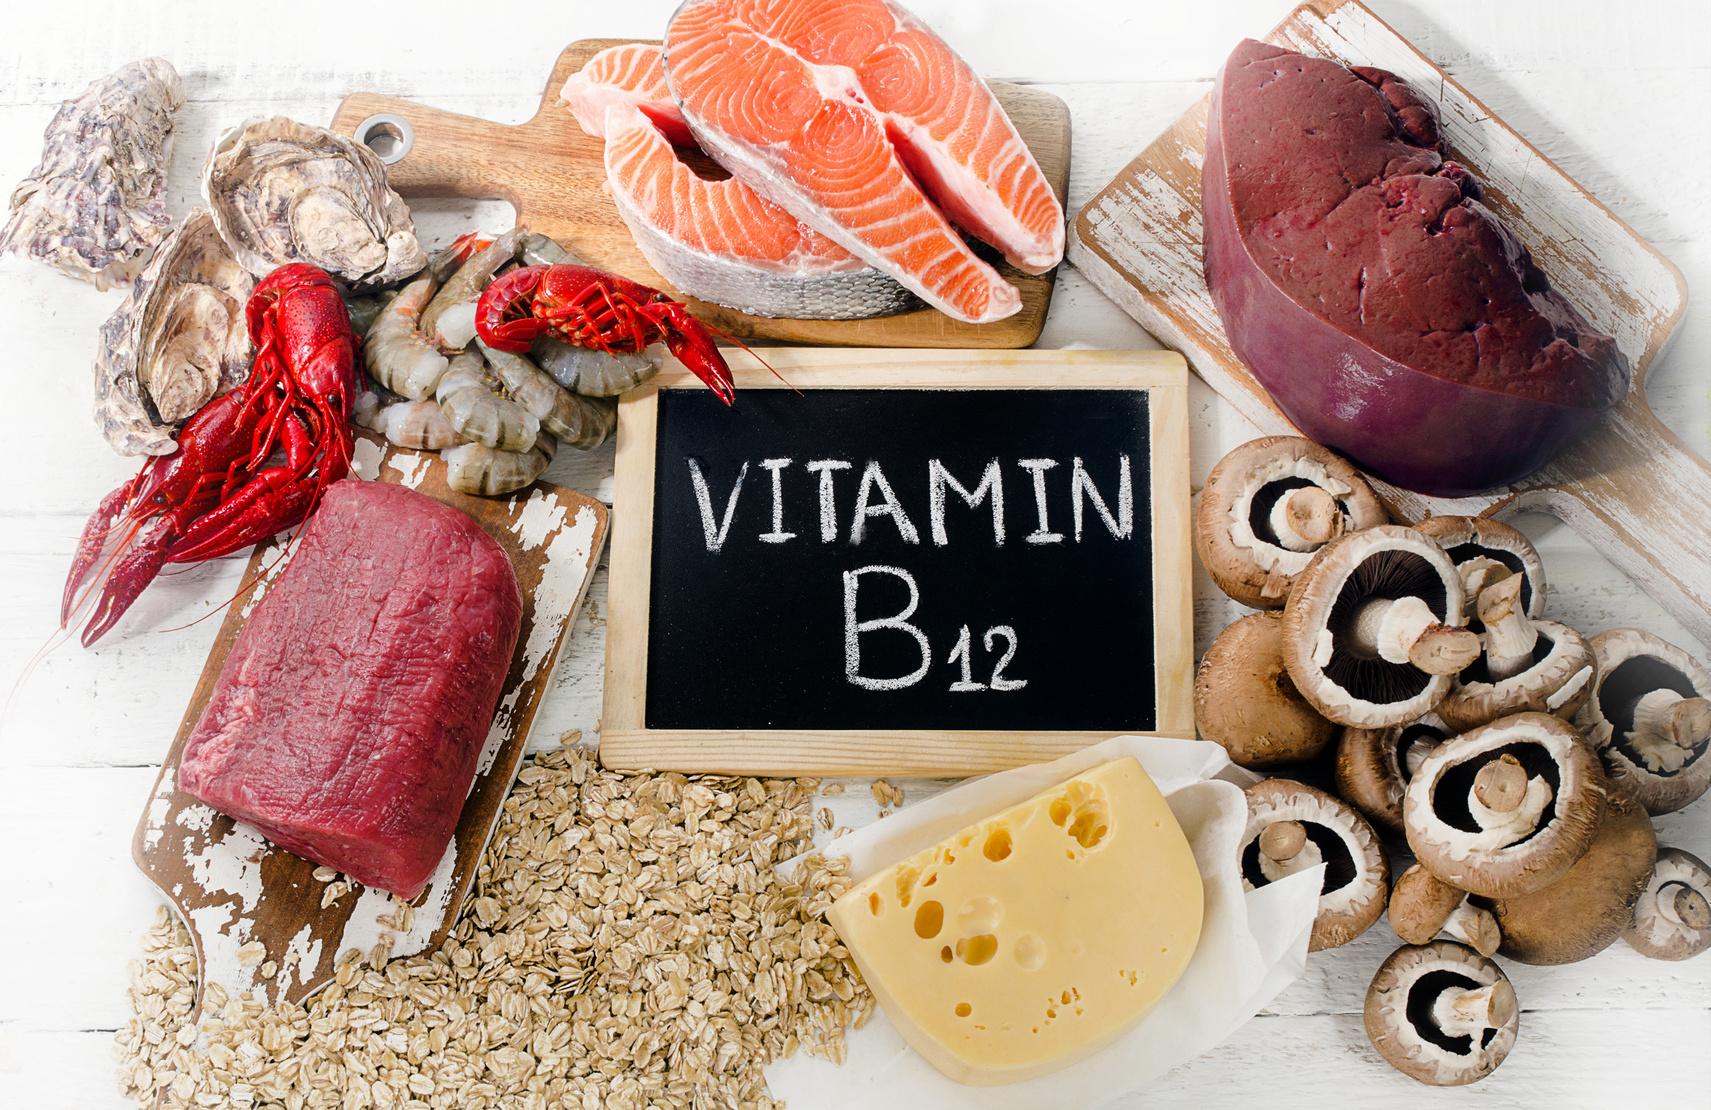 Рейтинг лучших препаратов с витамином группы В12 на 2021 год